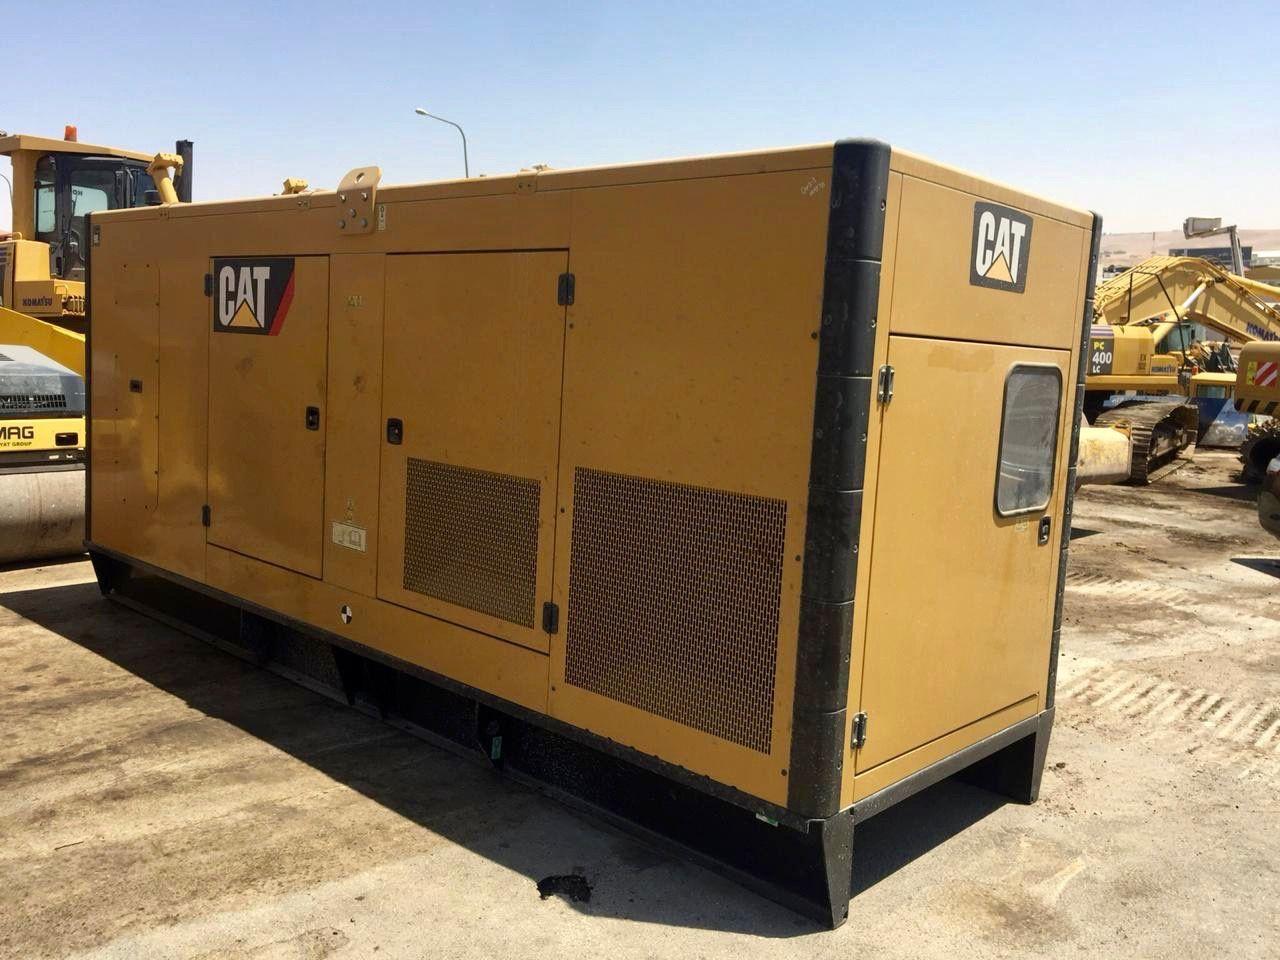 Caterpillar 500KVA Generator